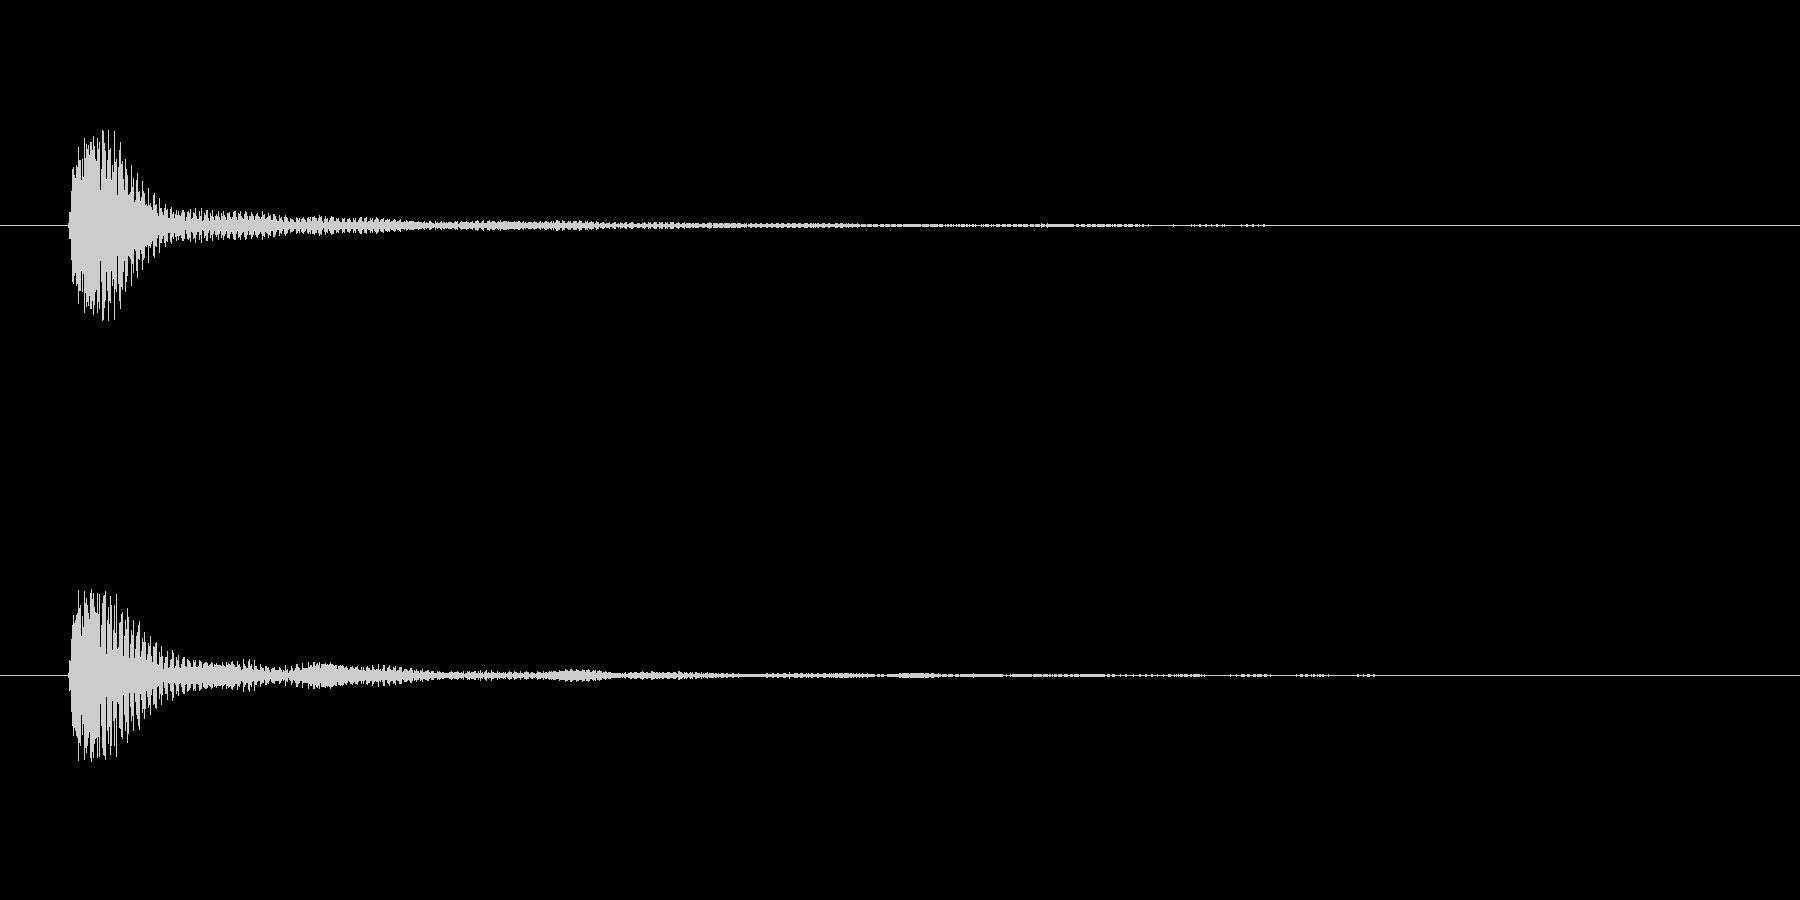 【サイバー06-3】の未再生の波形